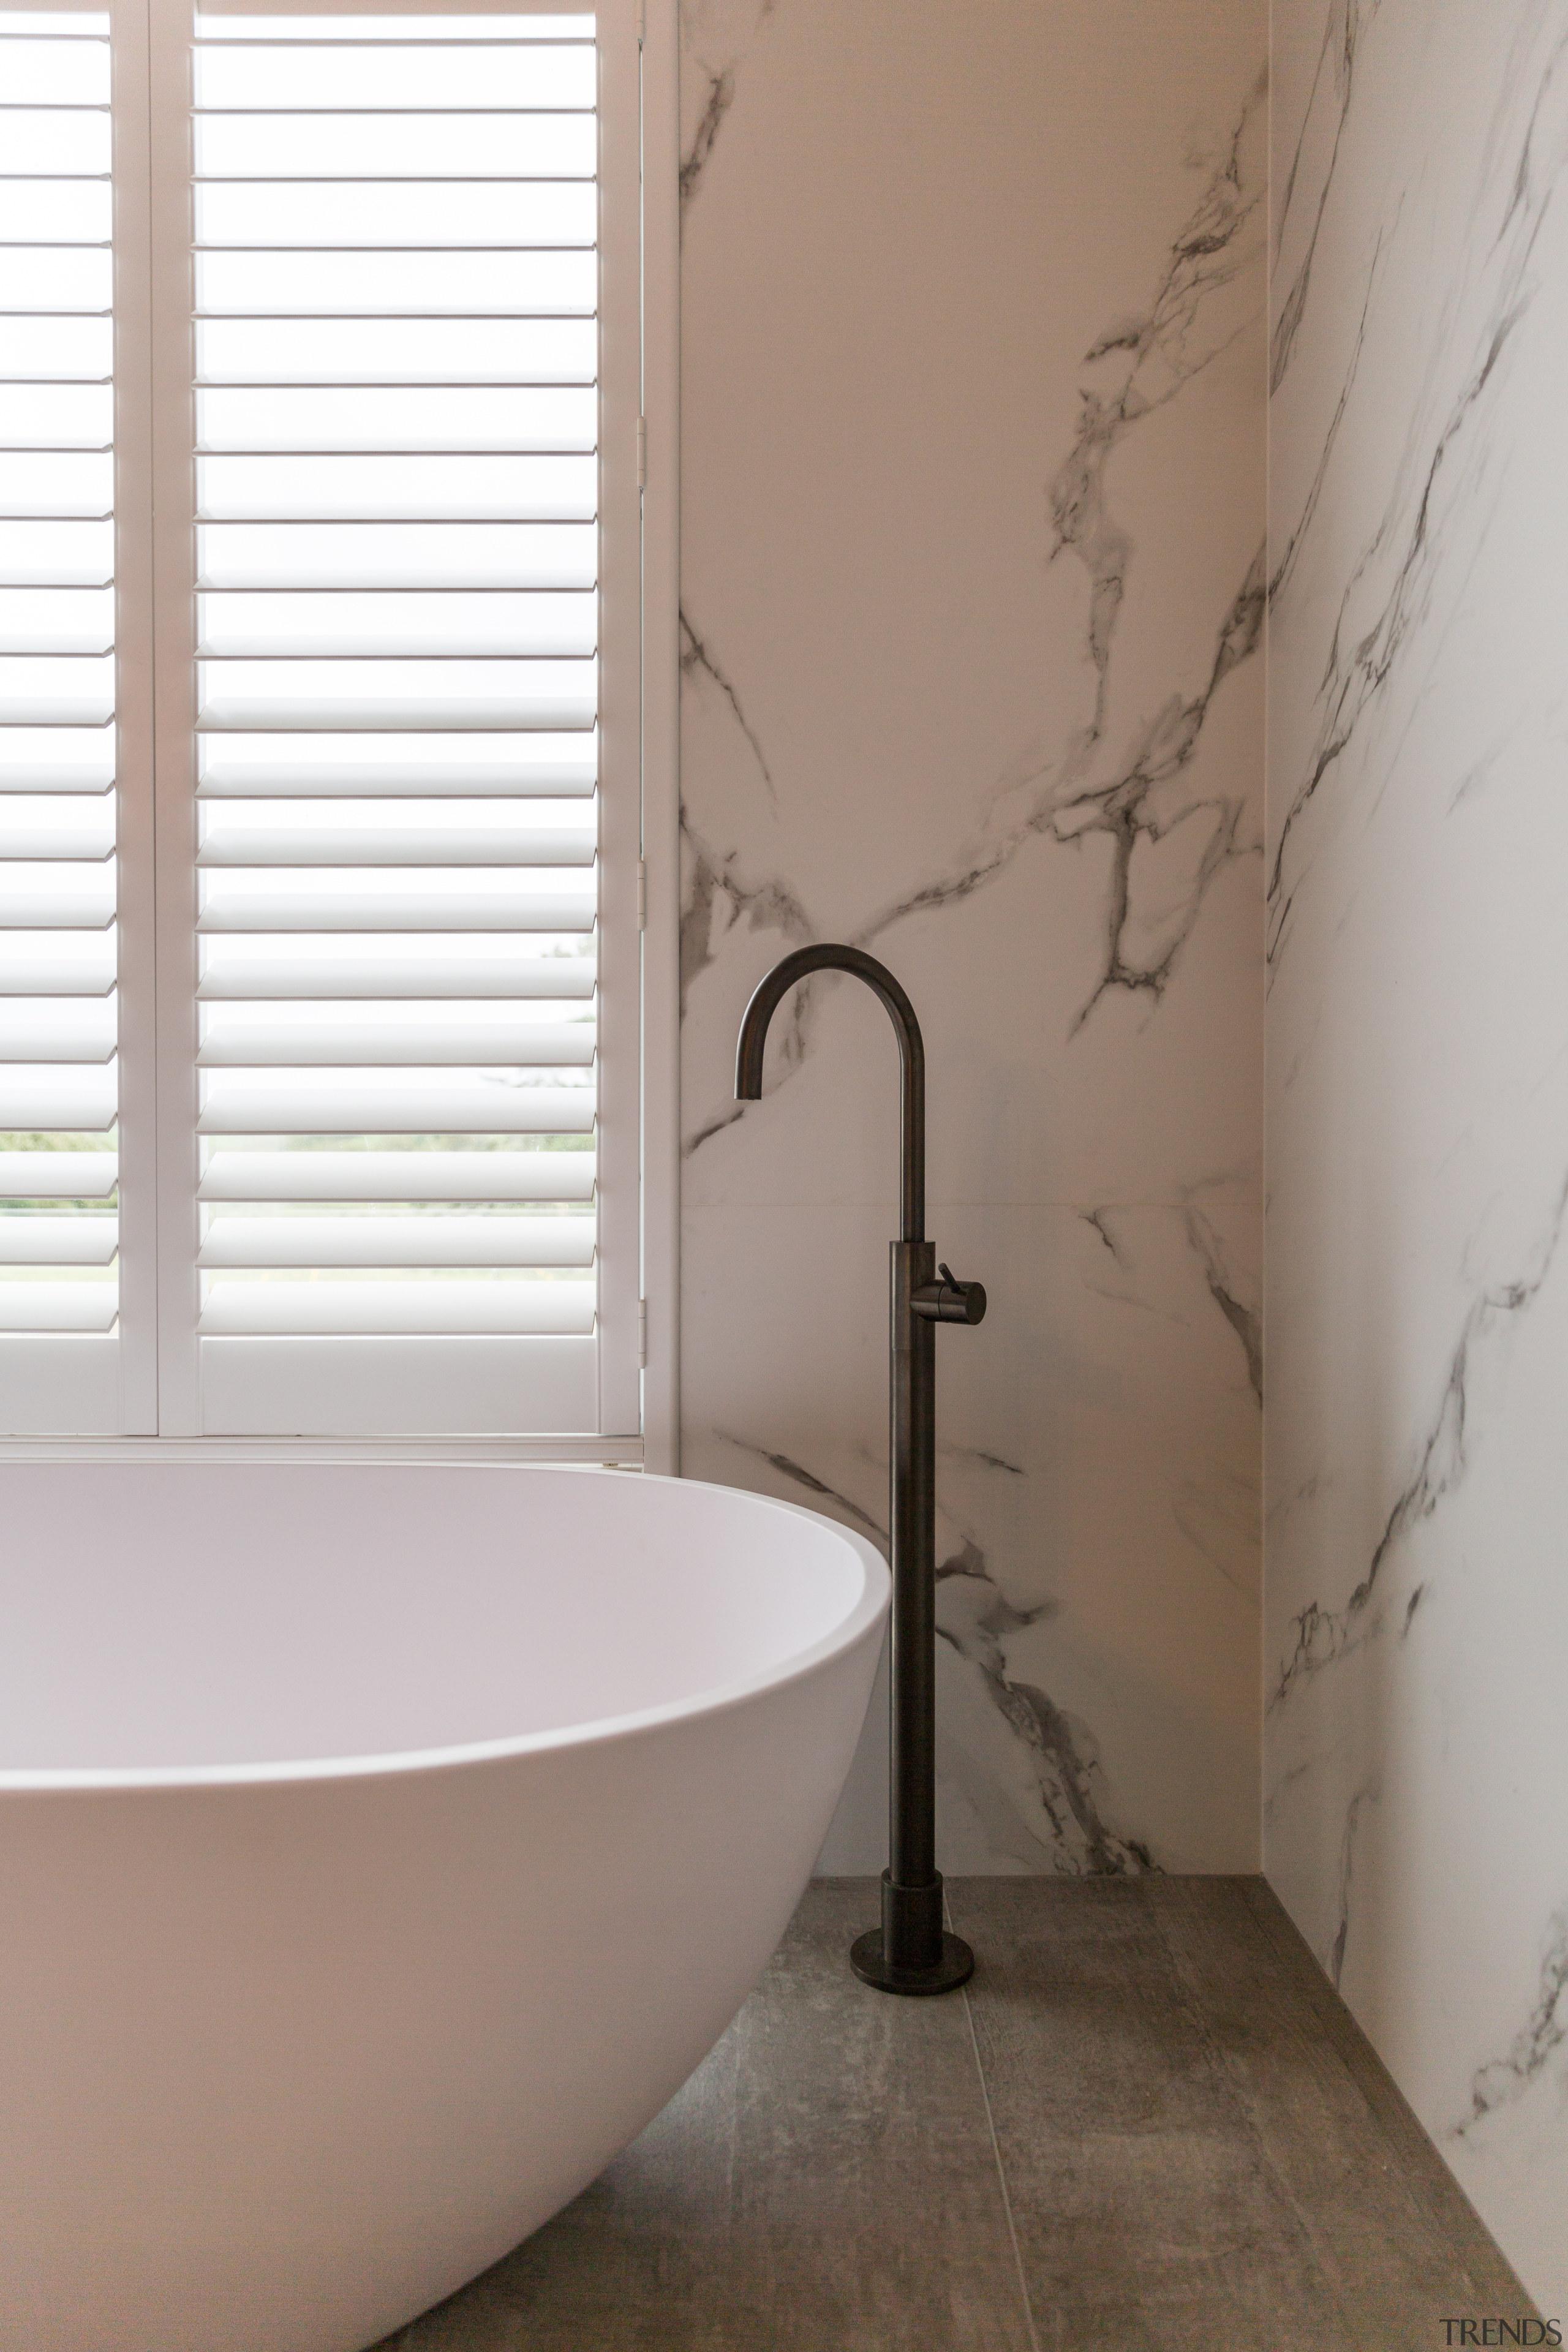 This light, open feel of the bathroom was bathroom, bidet, ceramic, floor, flooring, interior design, plumbing fixture, room, tap, tile, wall, gray, brown